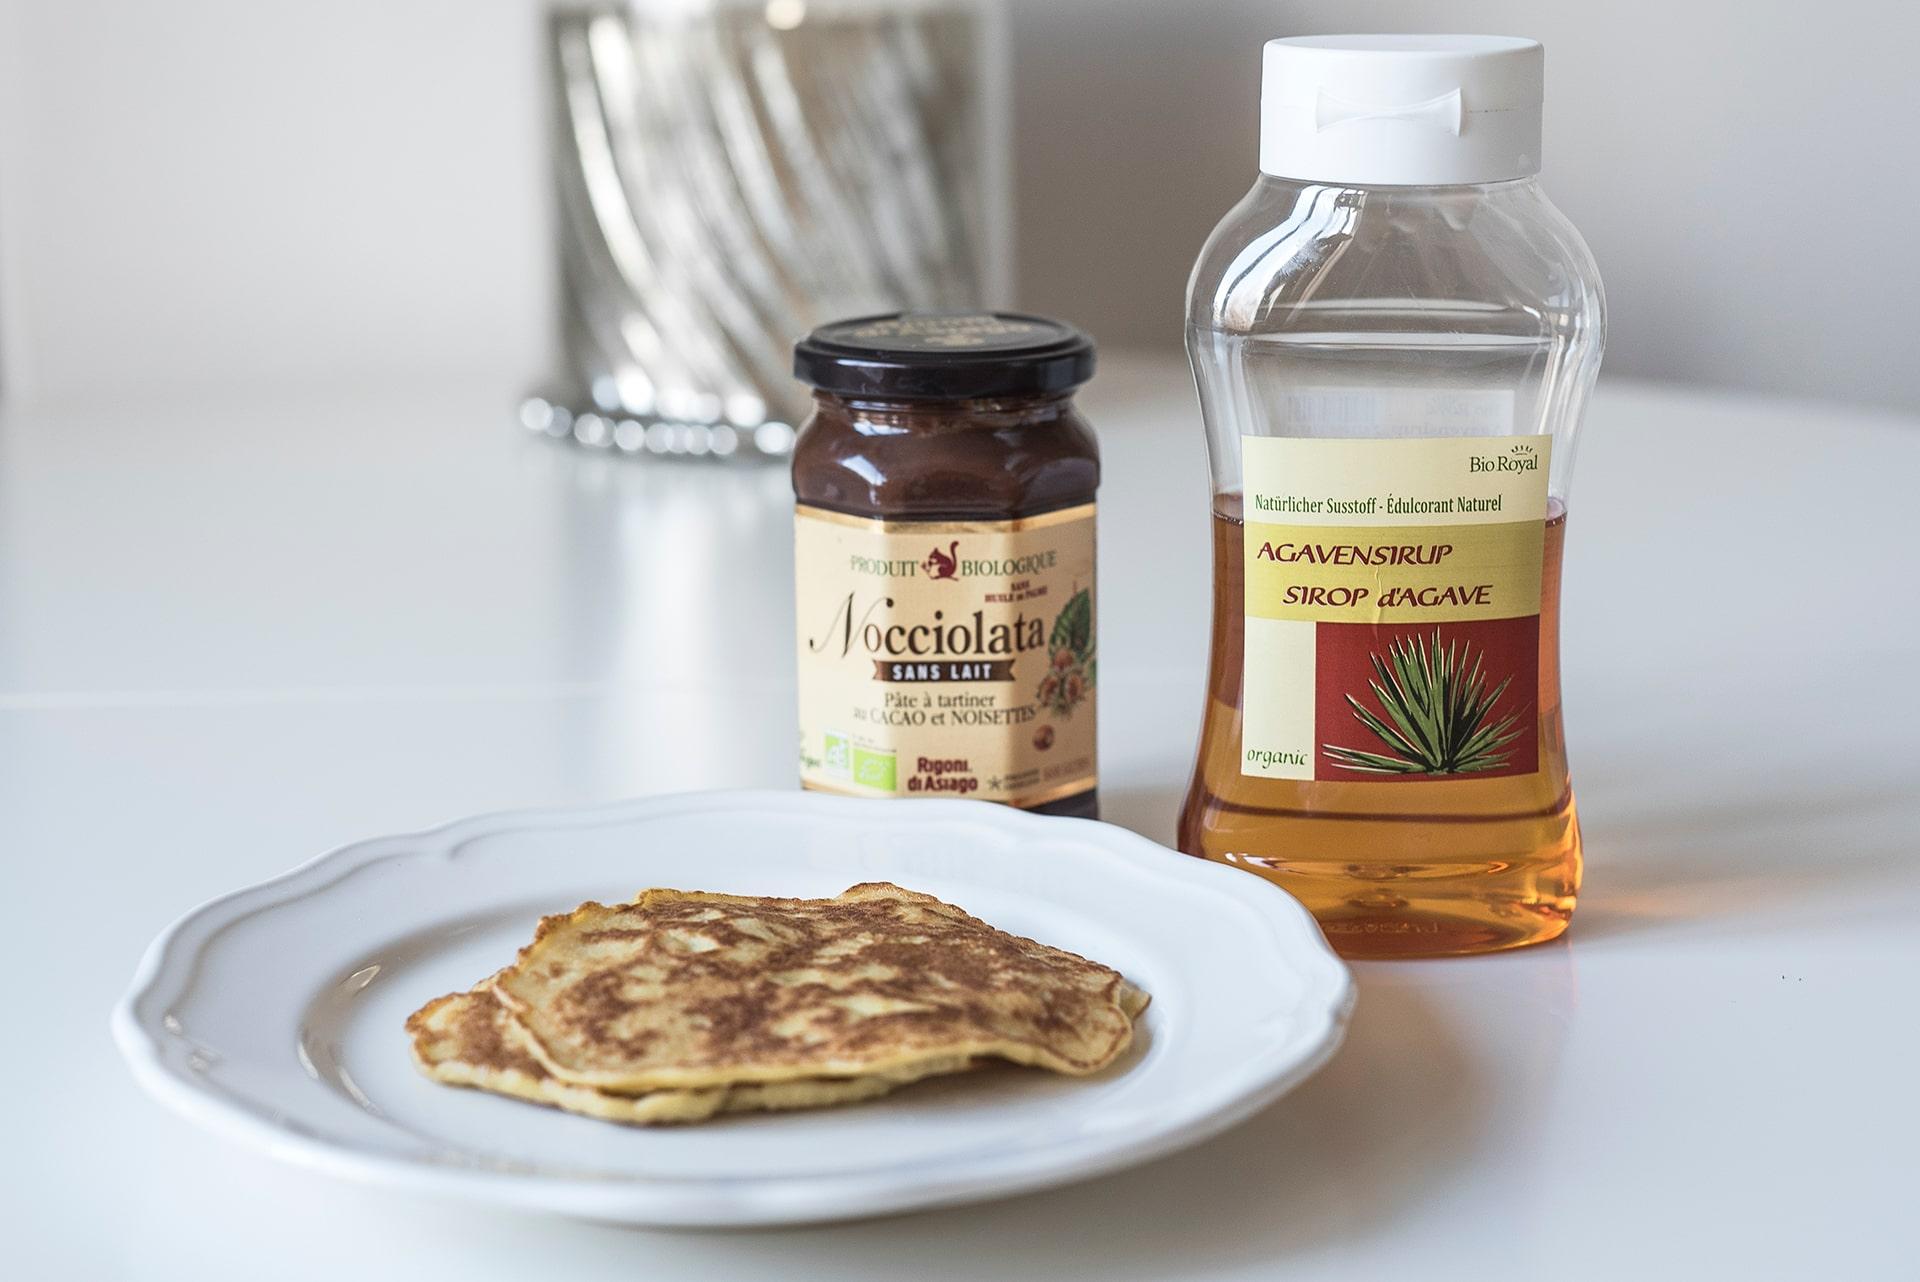 Blog Lifestyle - Les ingredients et la recette de pancakes - Suivre sa Joie - Saskia Parein